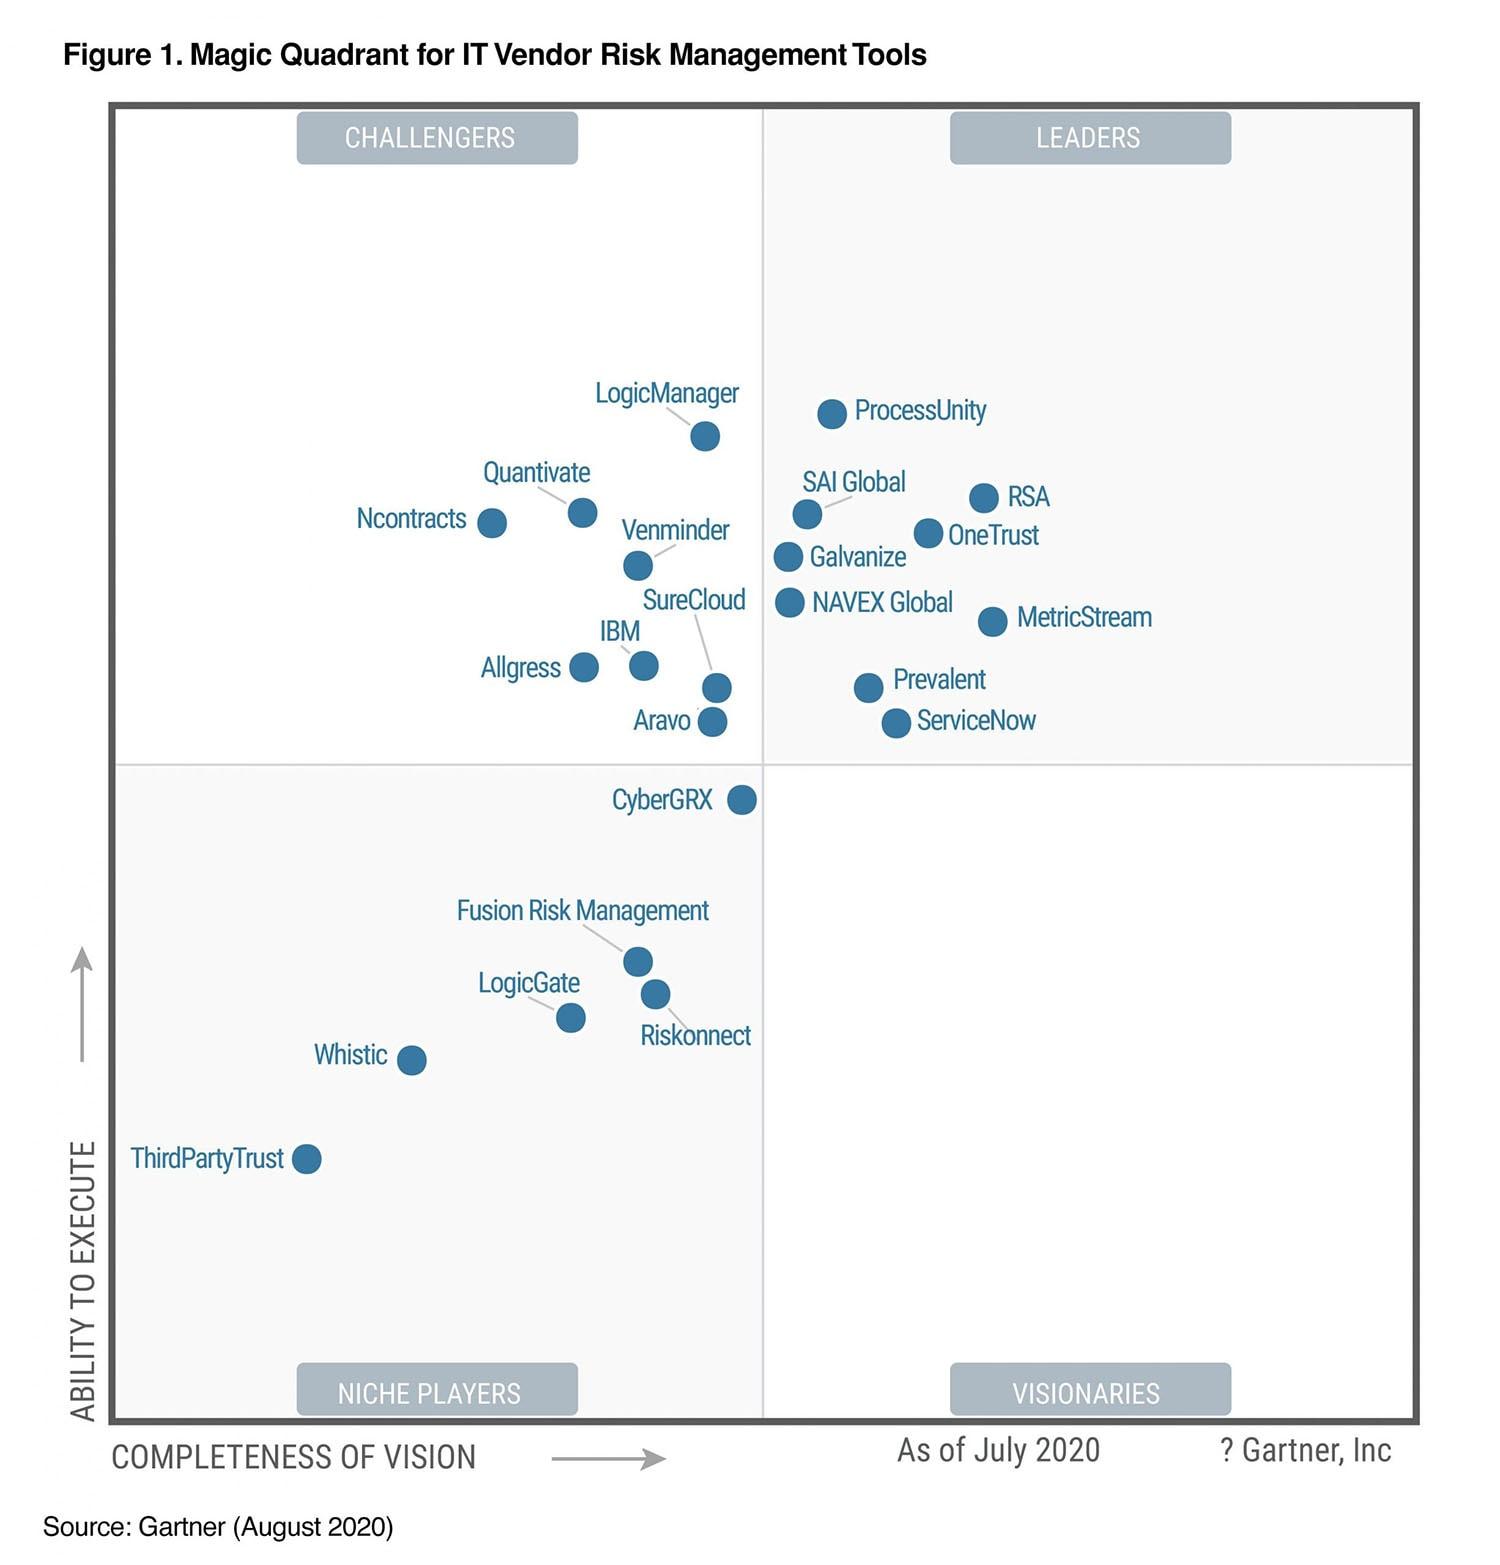 2020 Magic Quadrant for IT VRM